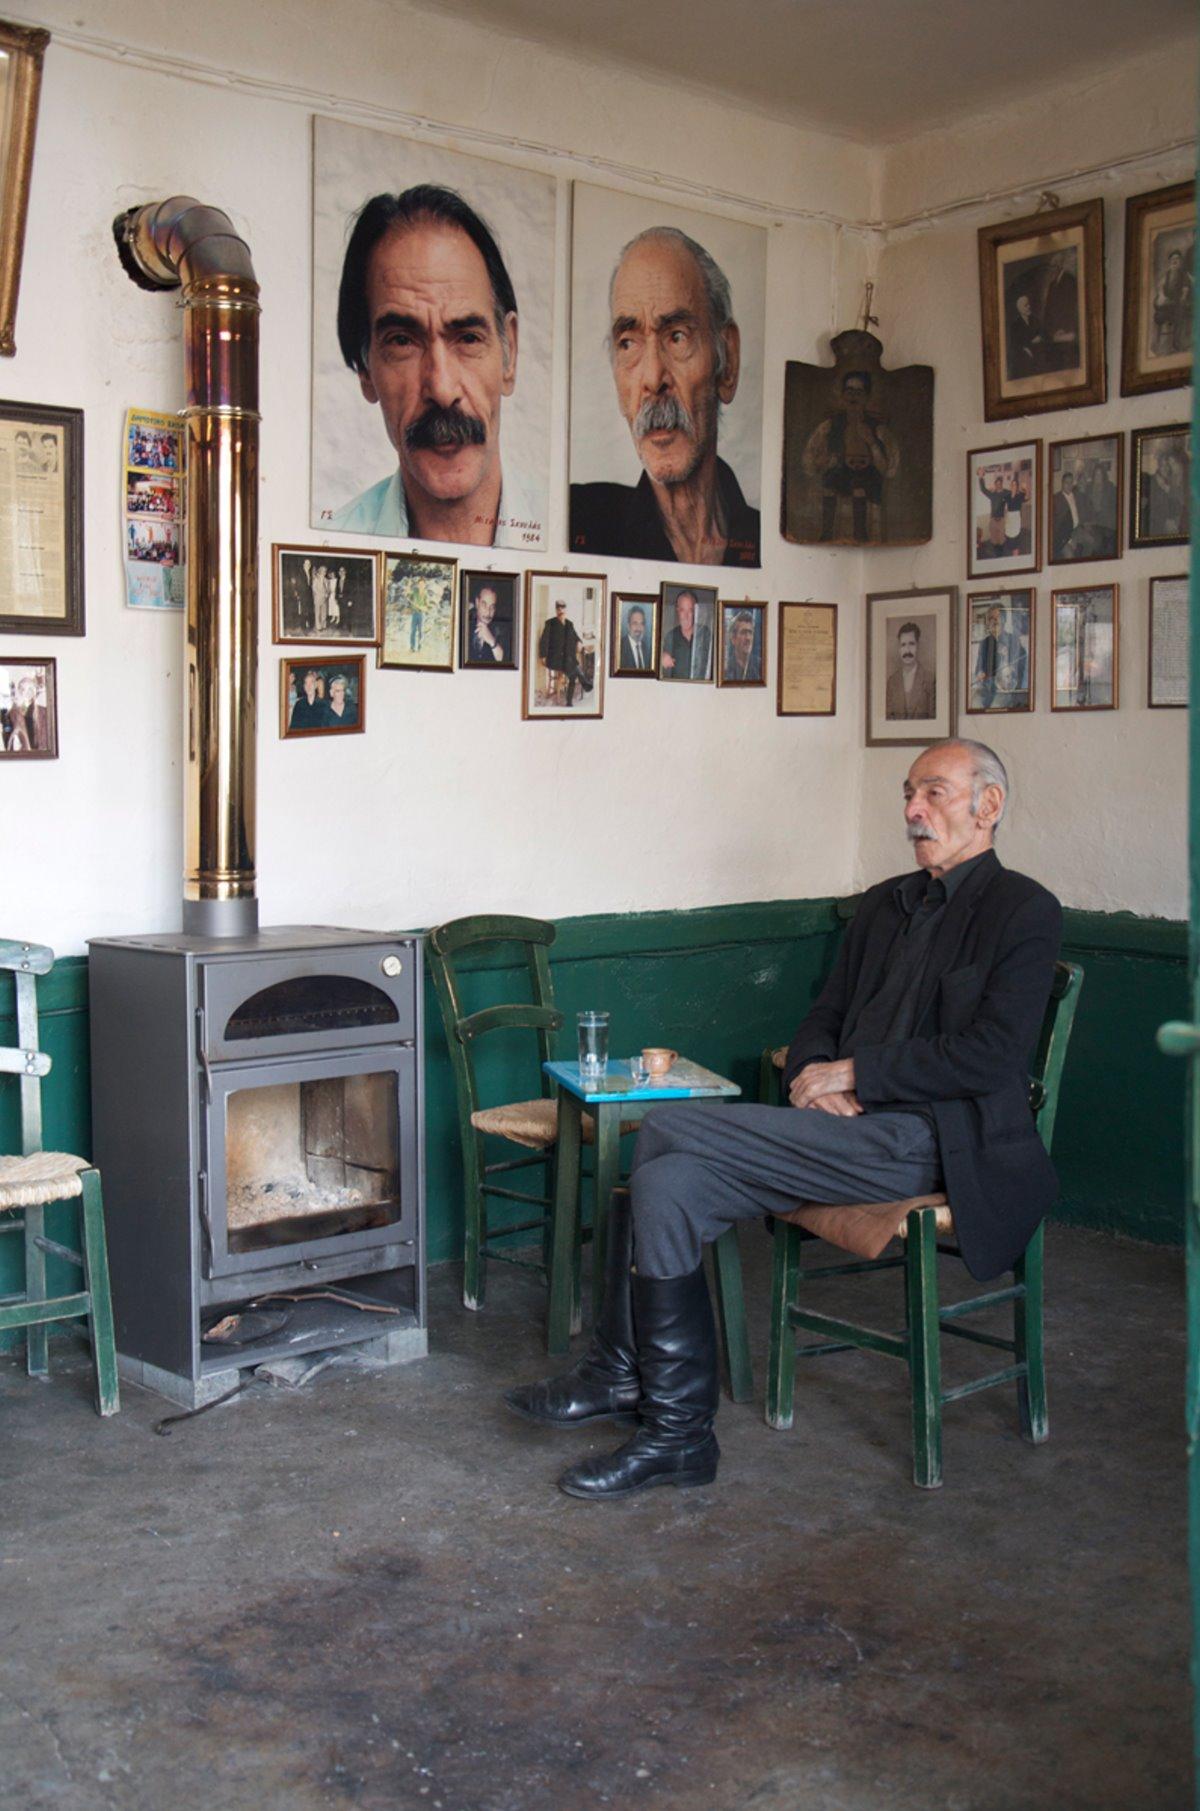 παραδοσιακό καφενείο του Σκουλά Ανώγεια